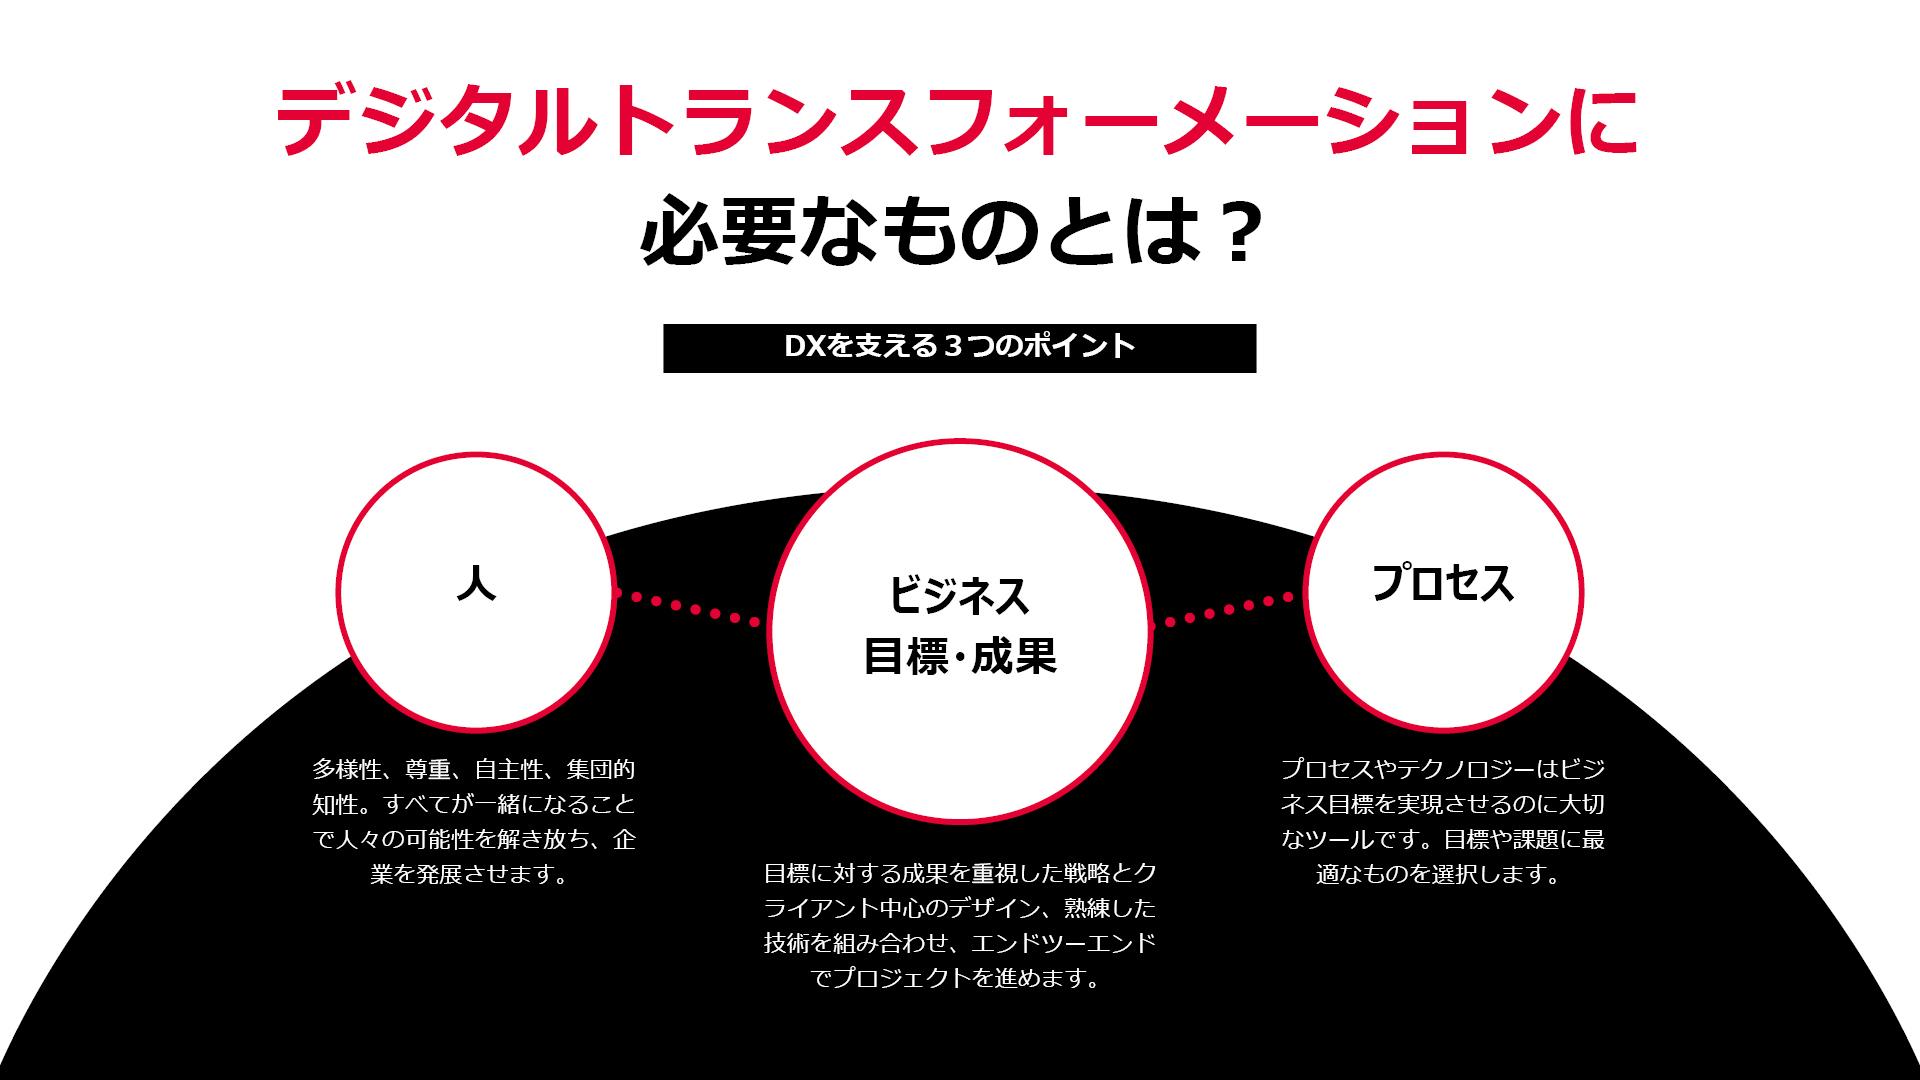 lean-dx-campaign-e-book-